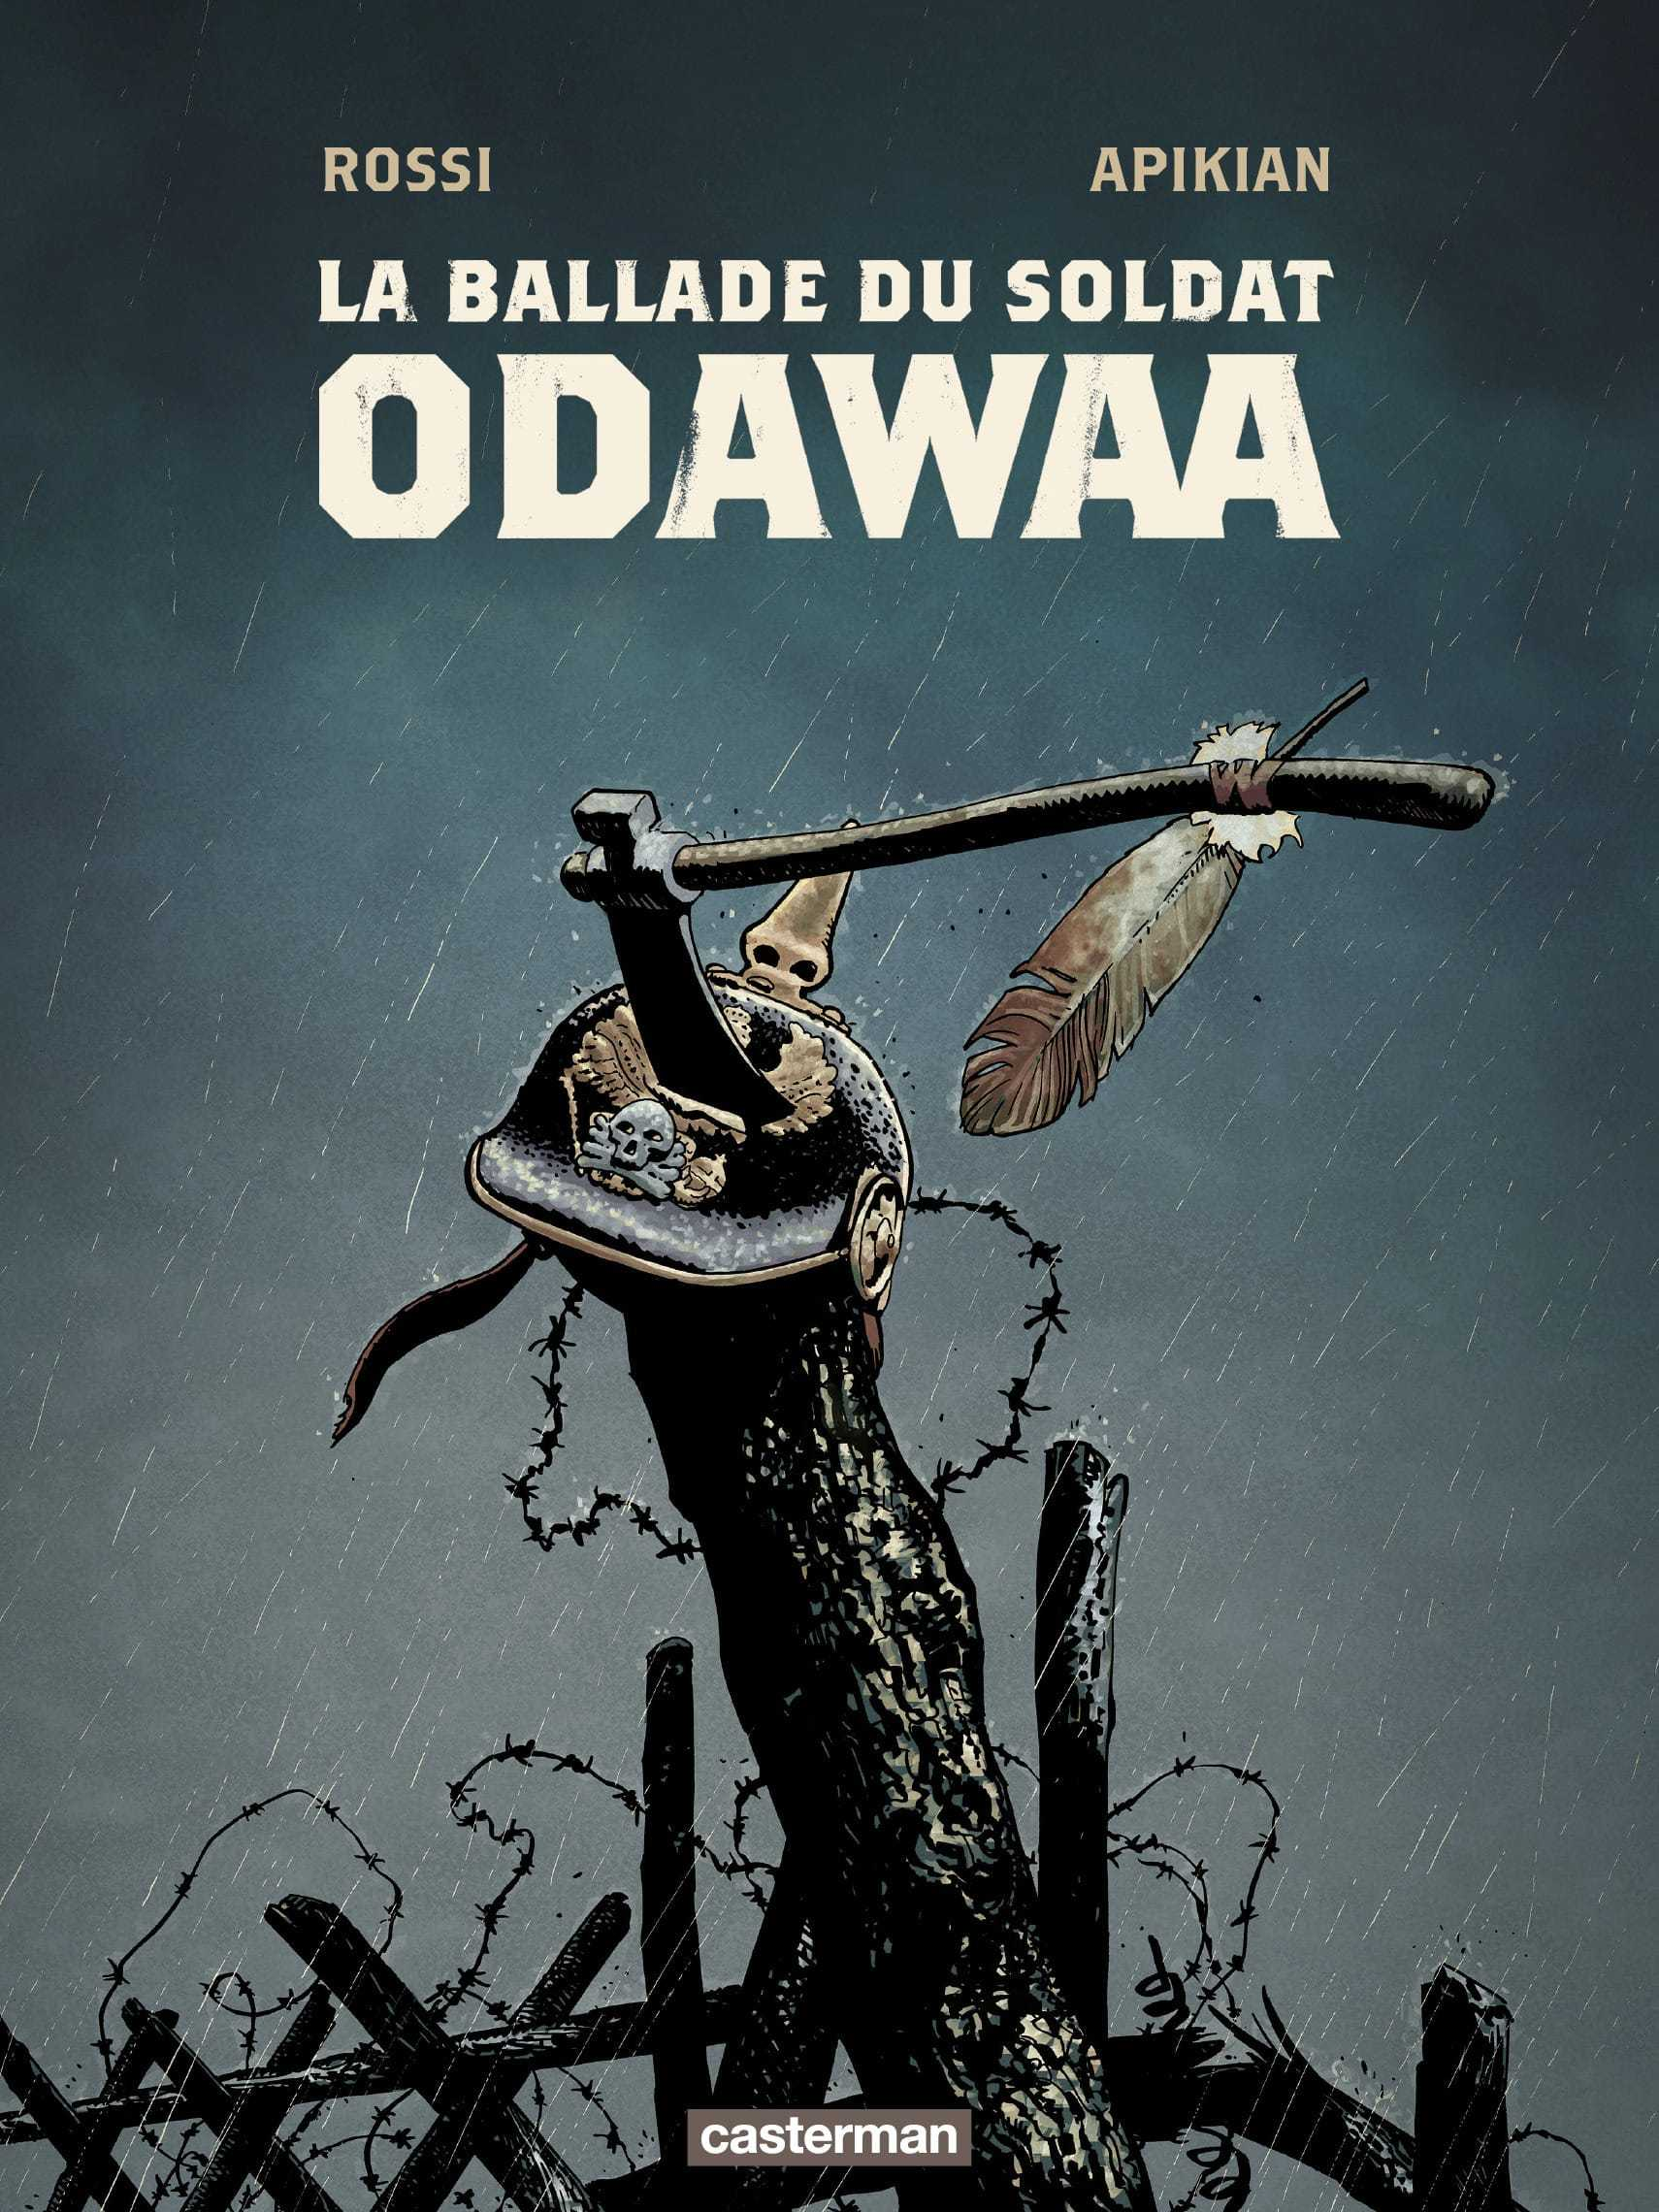 La Ballade du soldat Odawaa, 14-18 dans la lunette d'un sniper indien